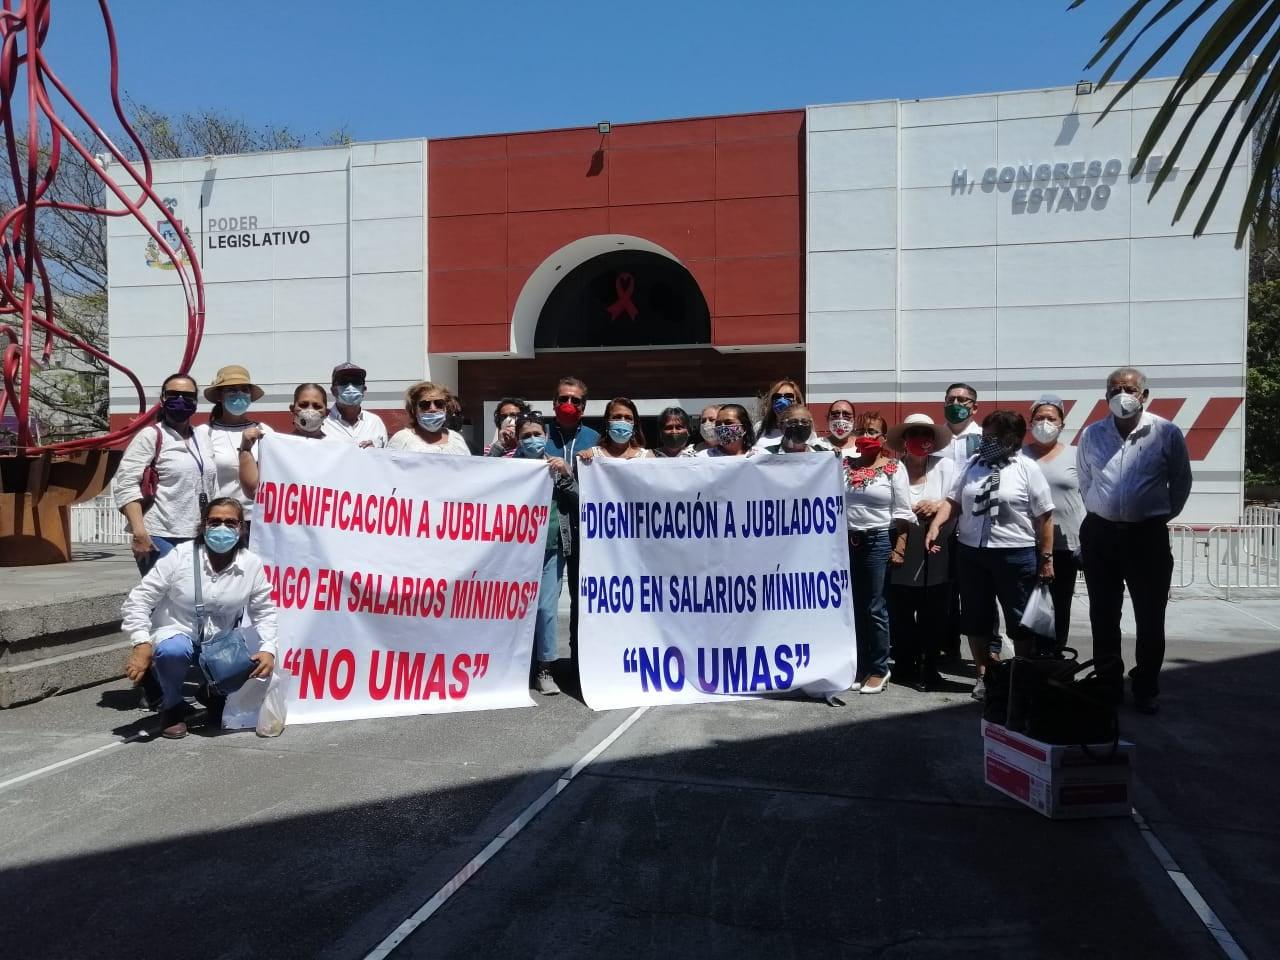 Diversificarán jubilados lucha para lograr pago de pensiones en salarios mínimos (Colima)